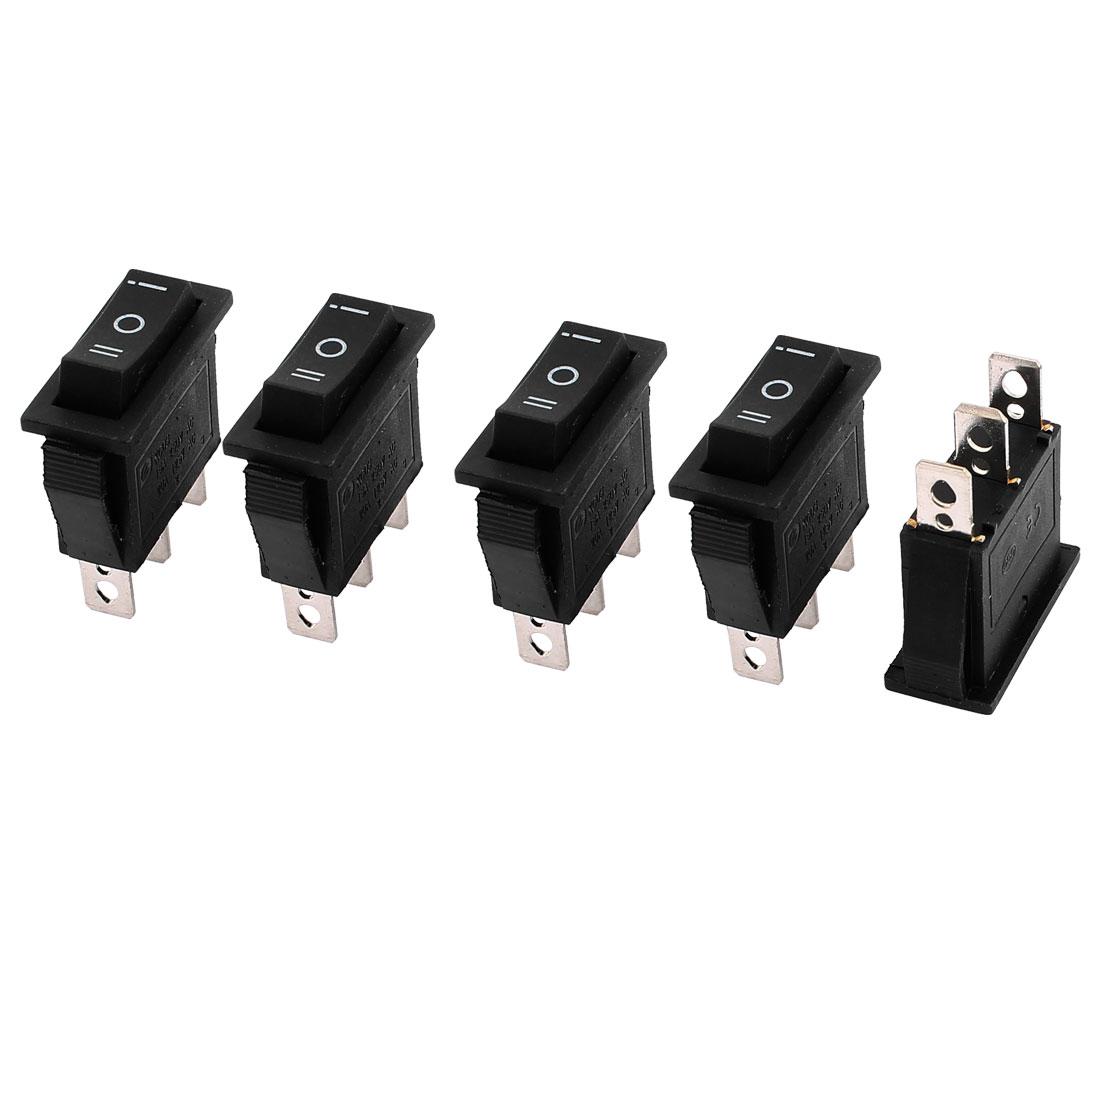 5 Pcs AC125V 20A AC250V 15A Panel Mount Snap-In SPDT On/Off/On Rocker Switch